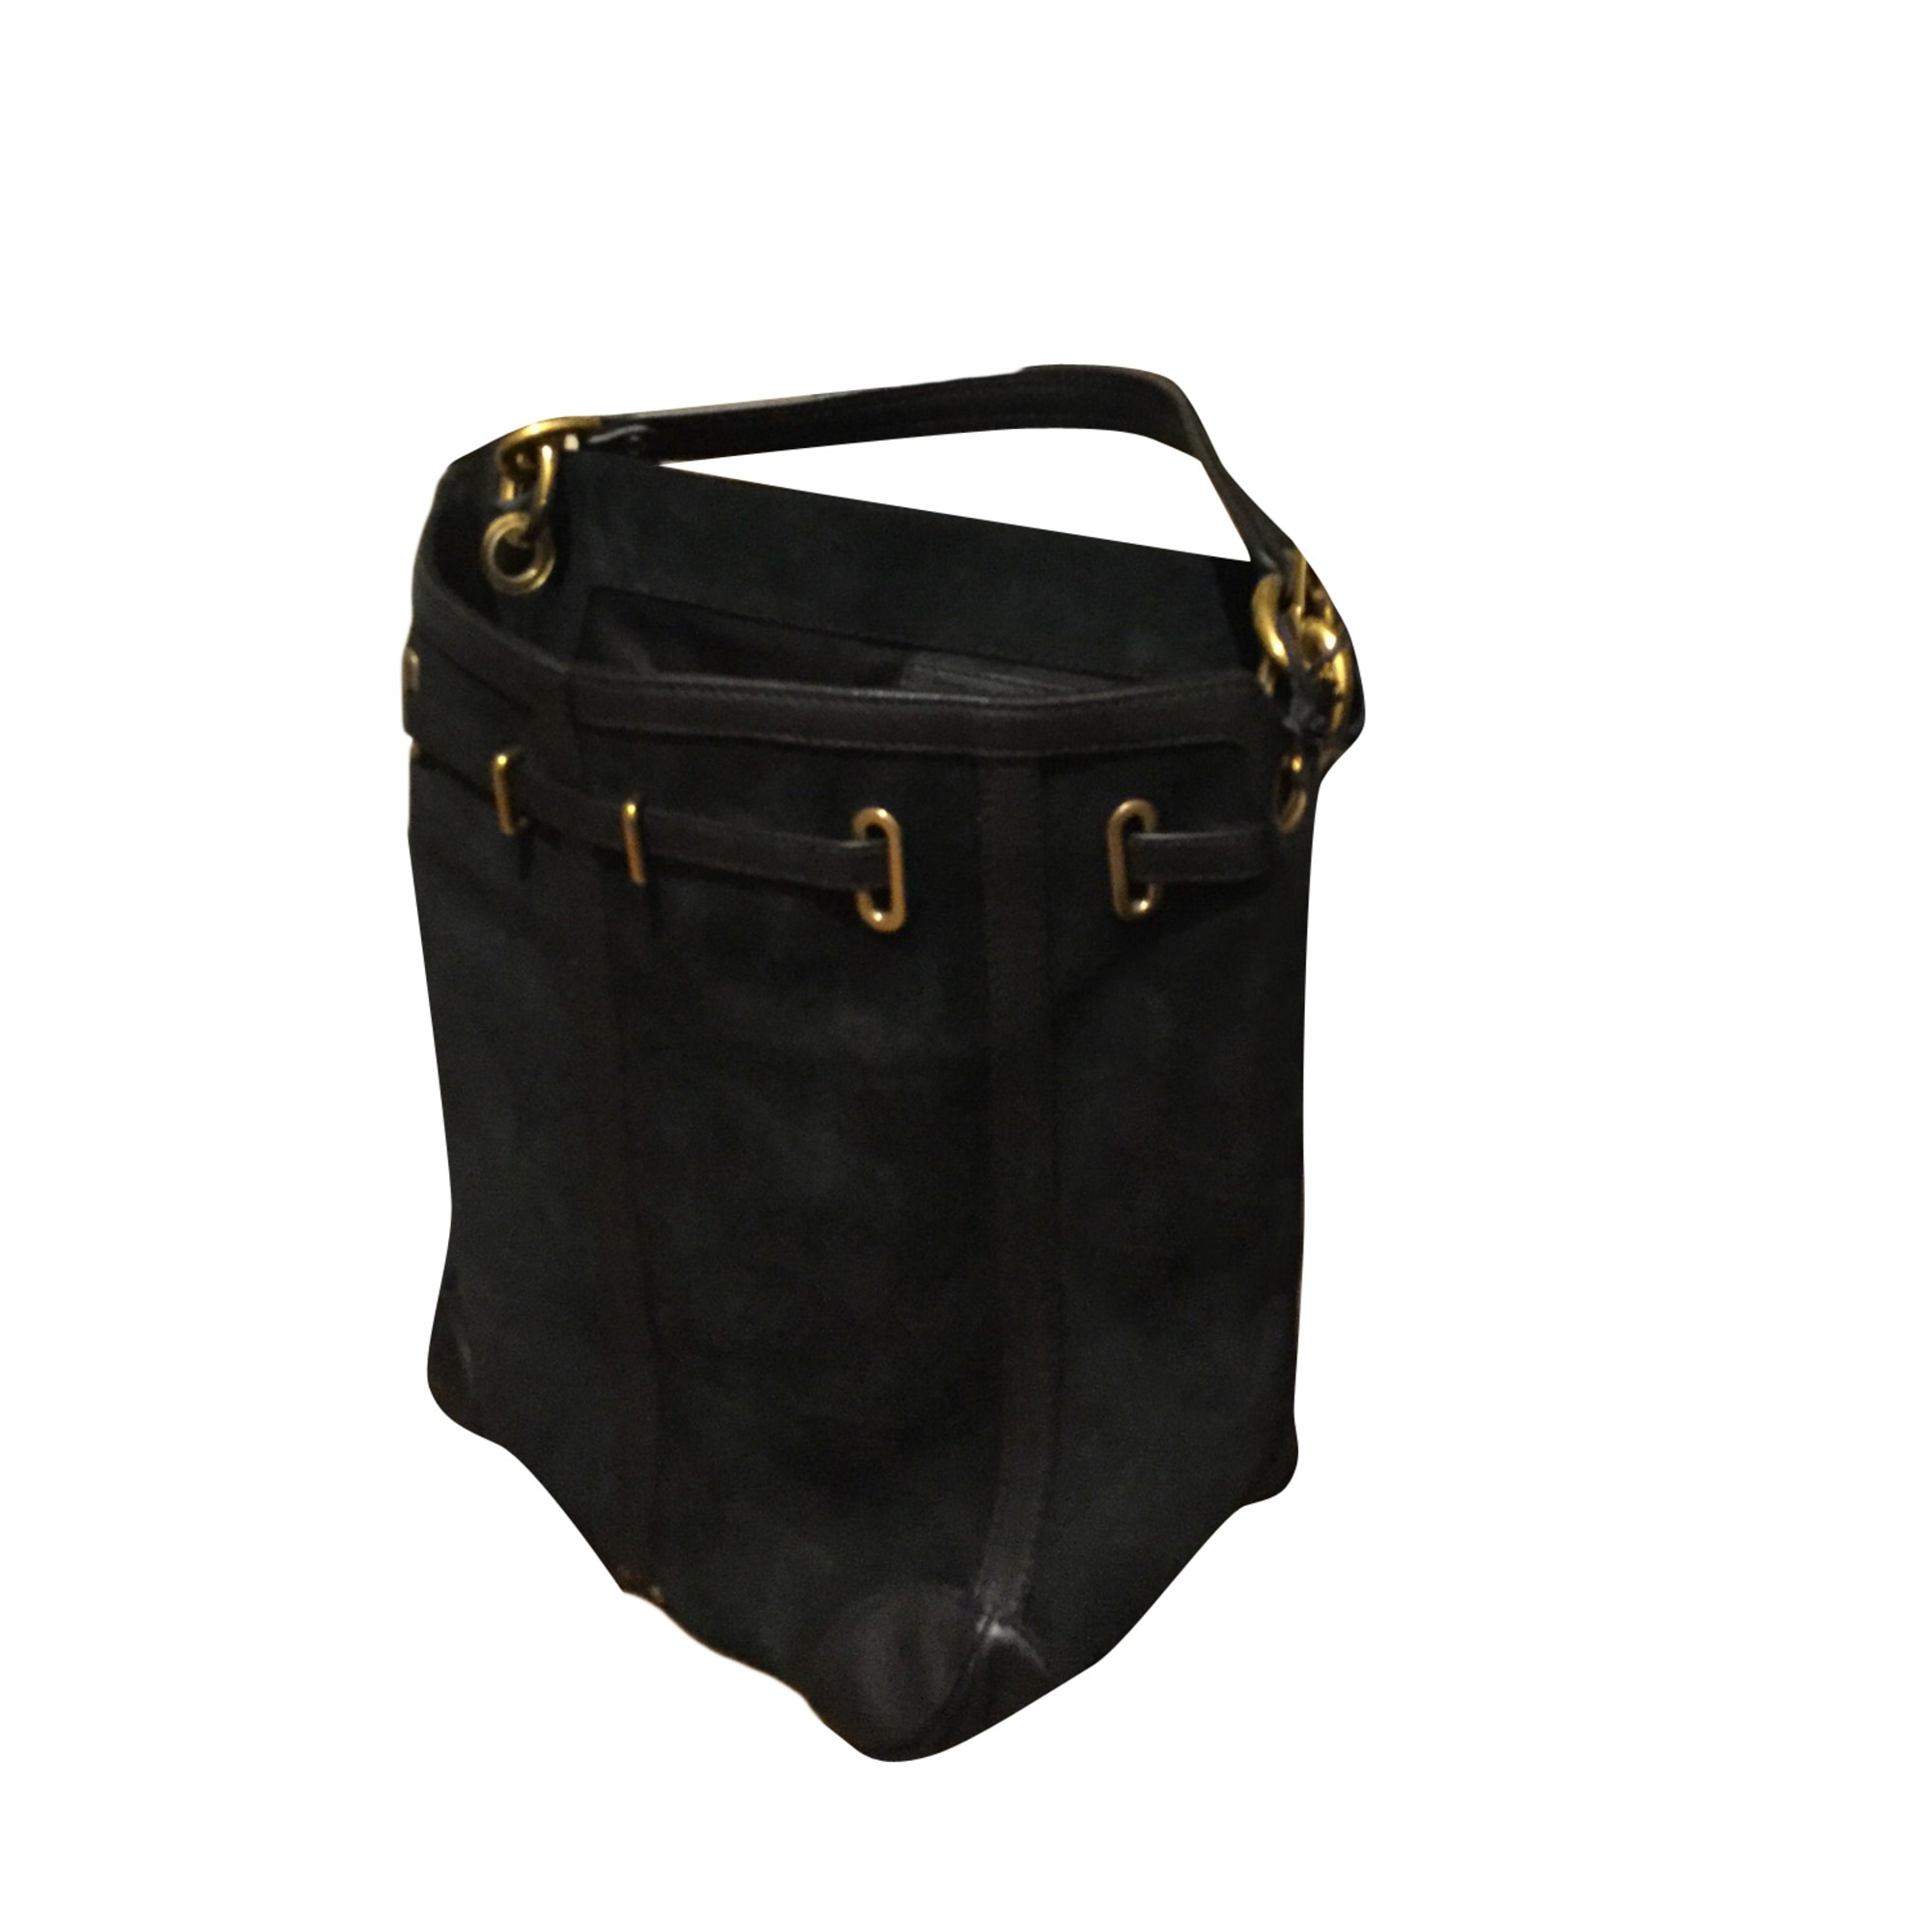 Leather Shoulder Bag JEROME DREYFUSS Black